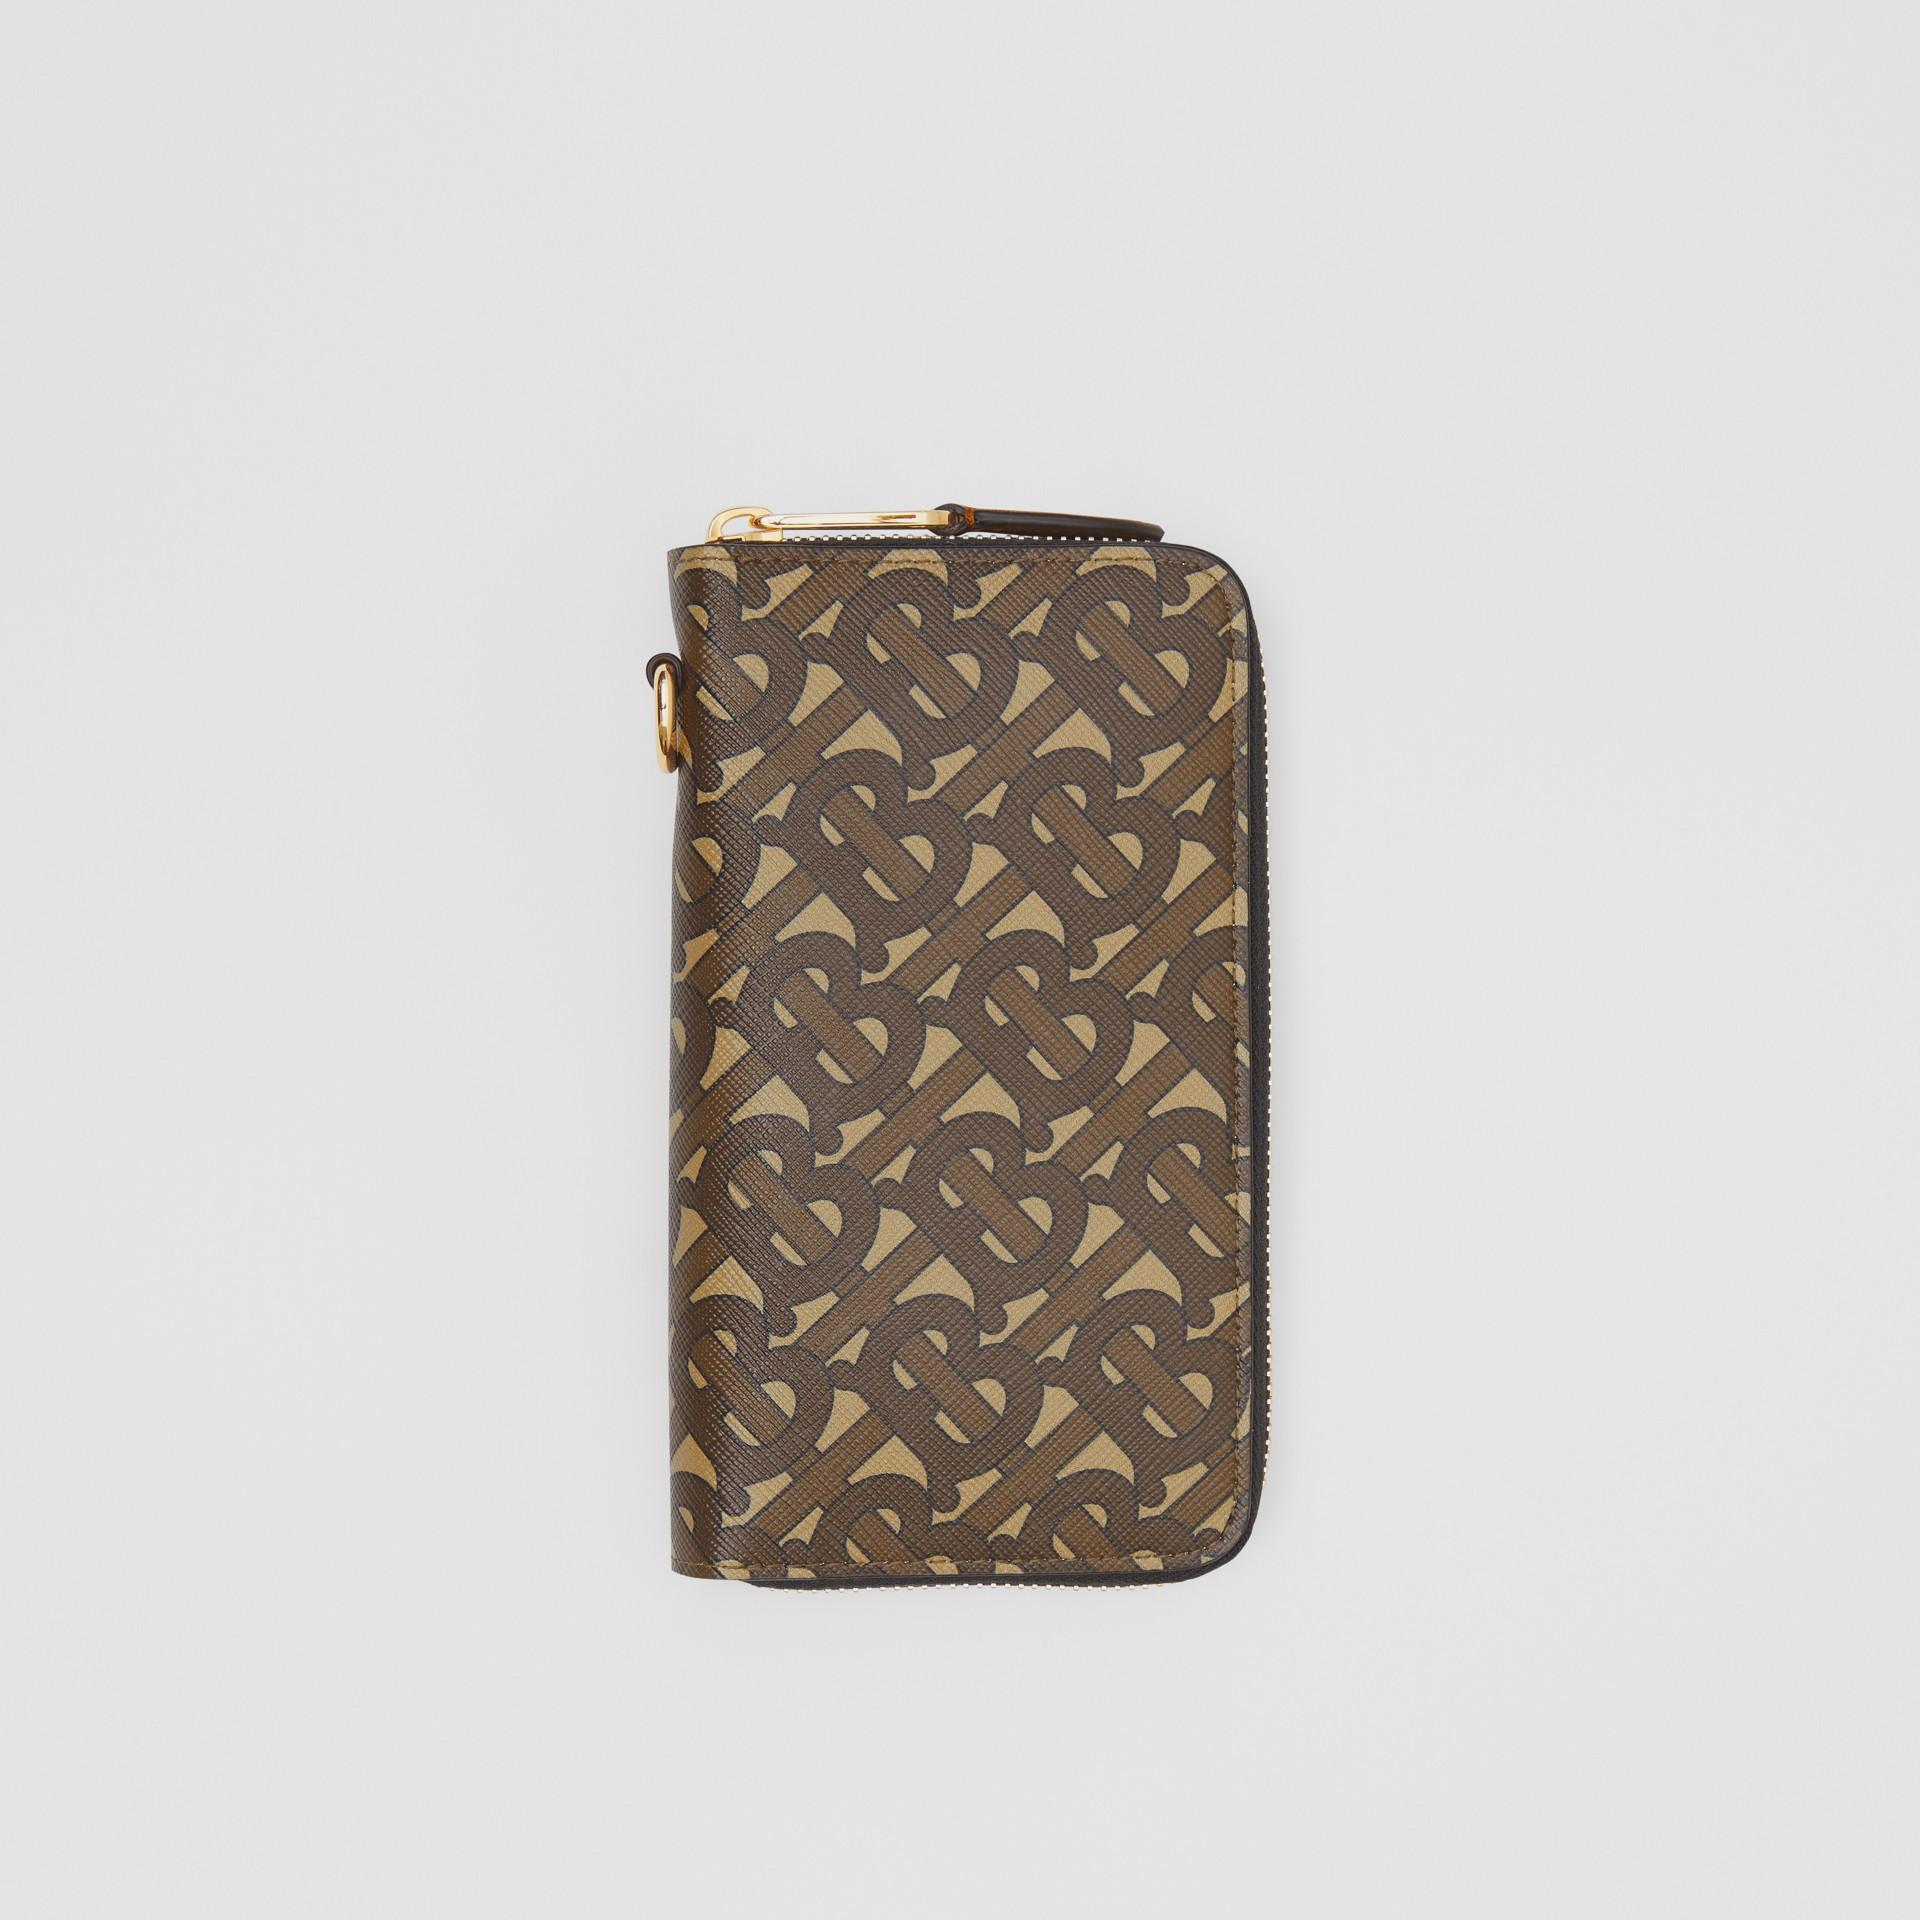 모노그램 프린트 E-캔버스 휴대폰 지갑 (브라이들 브라운) - 남성 | Burberry - 갤러리 이미지 0